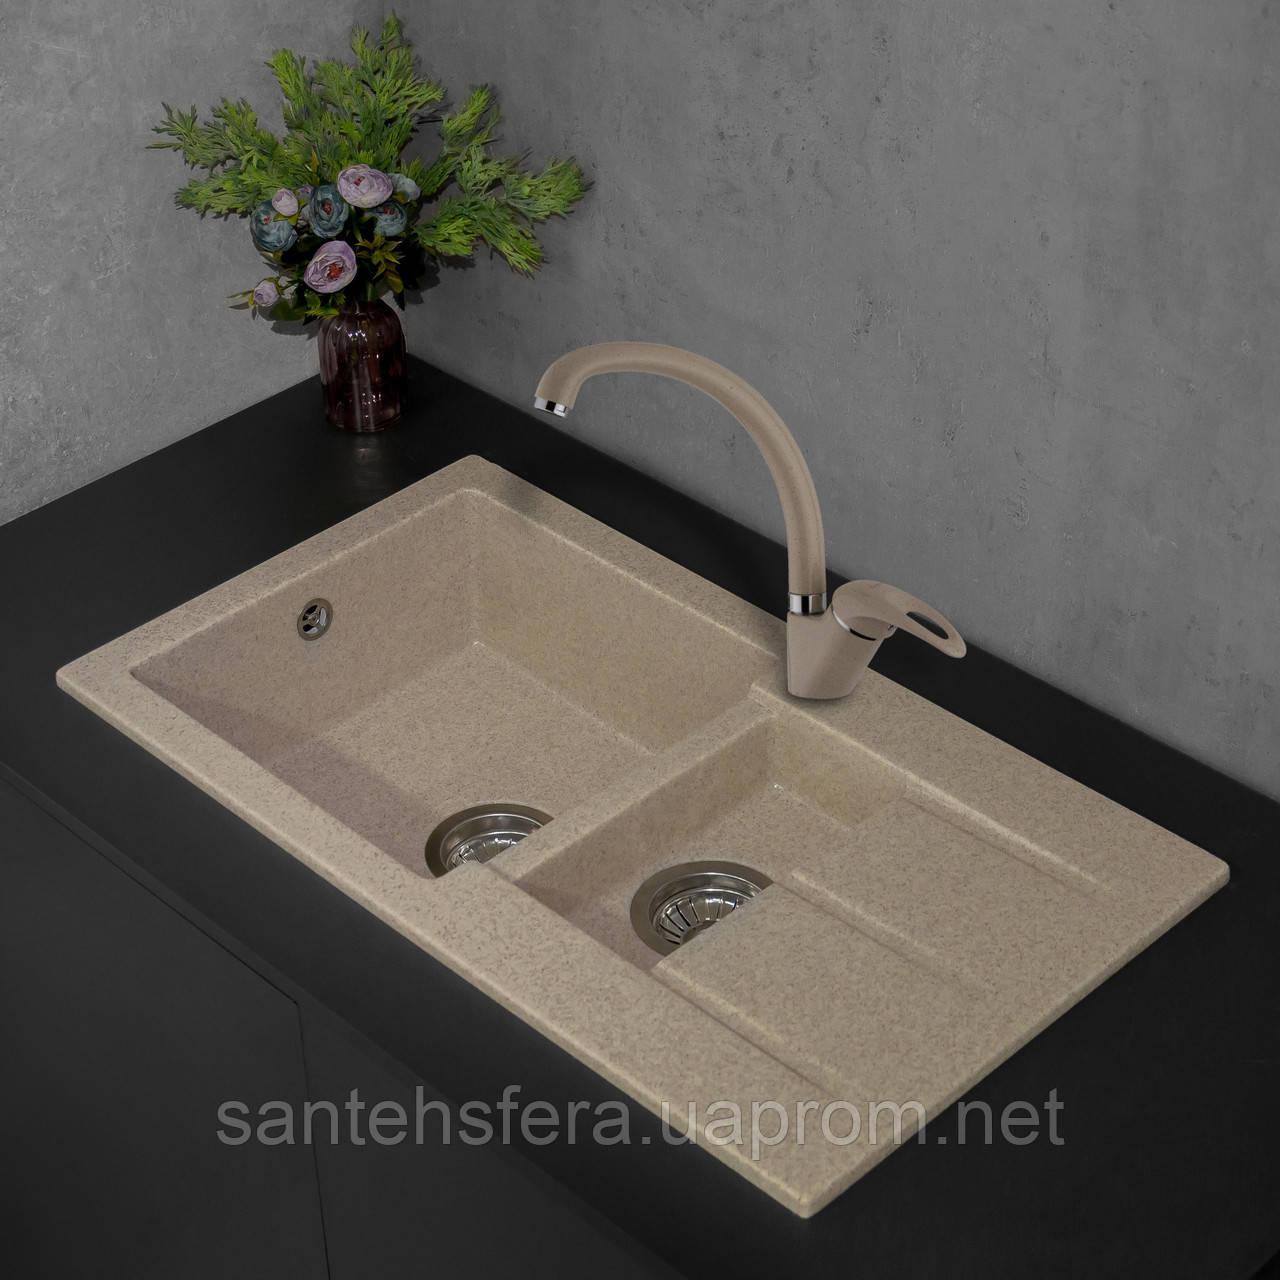 Прямоугольная гранитная кухонная мойка Fancy Marble Alabama, 206080004, цвет светло-черный